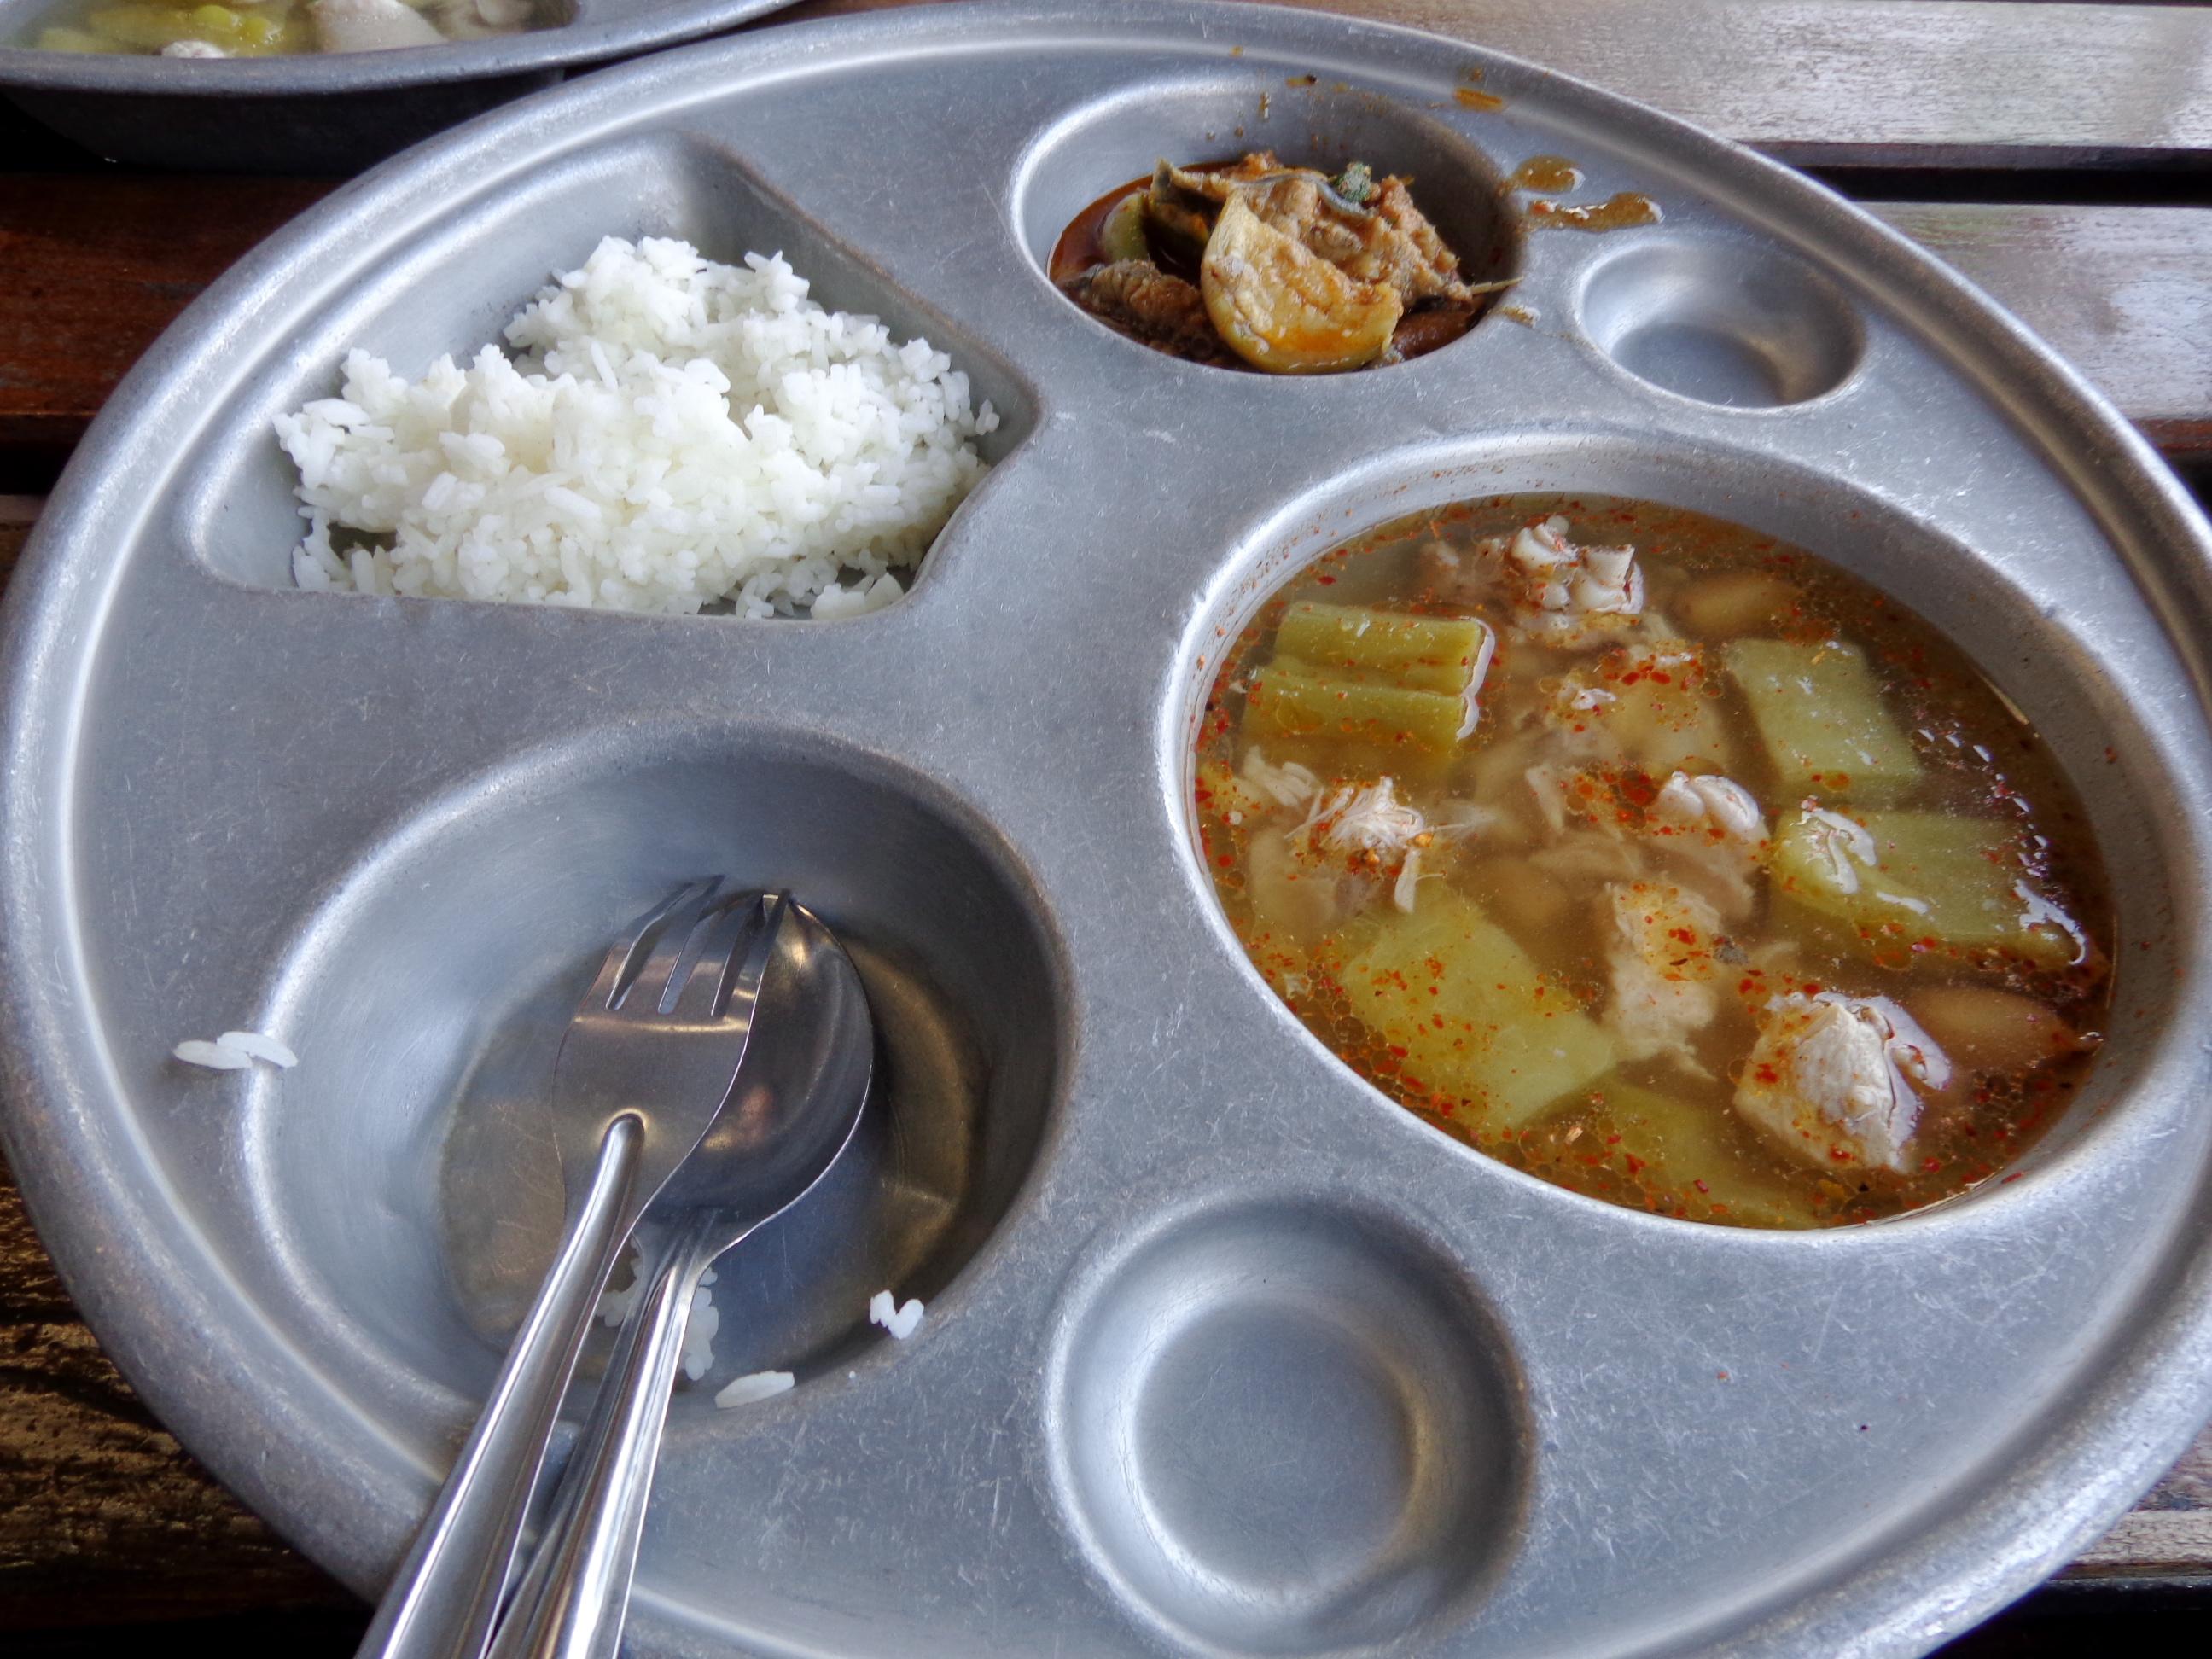 Eating Thai food at school